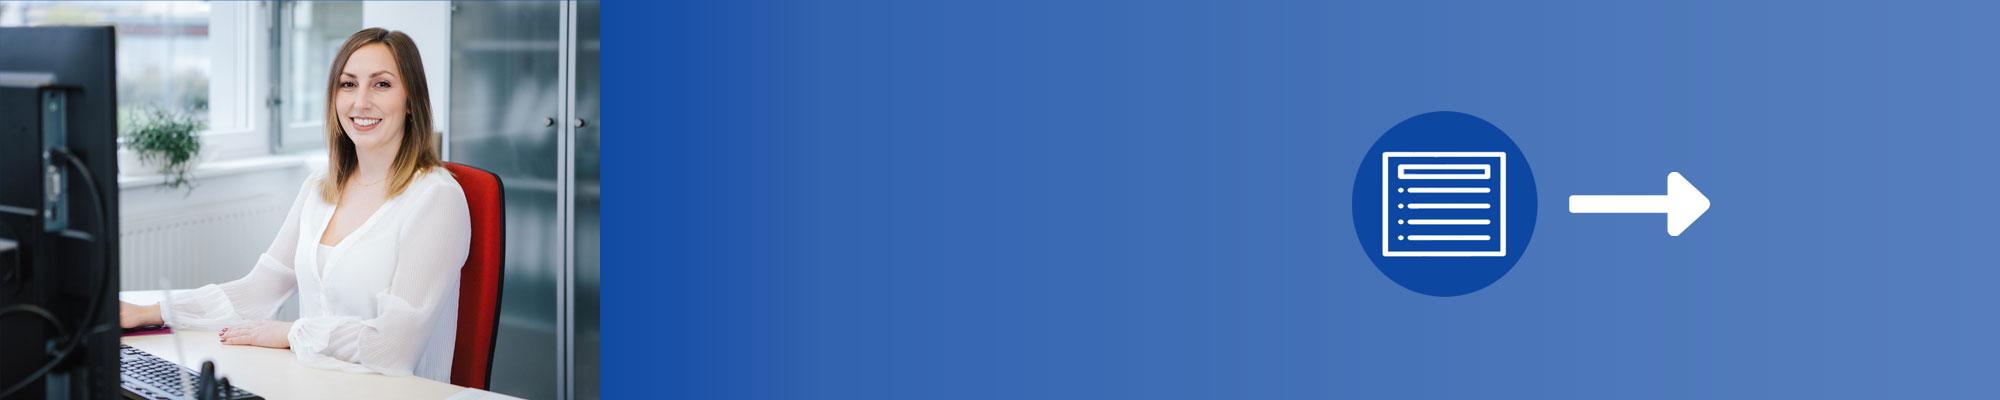 maier-steuerberatung-waldshut-tiengen-anfrageform